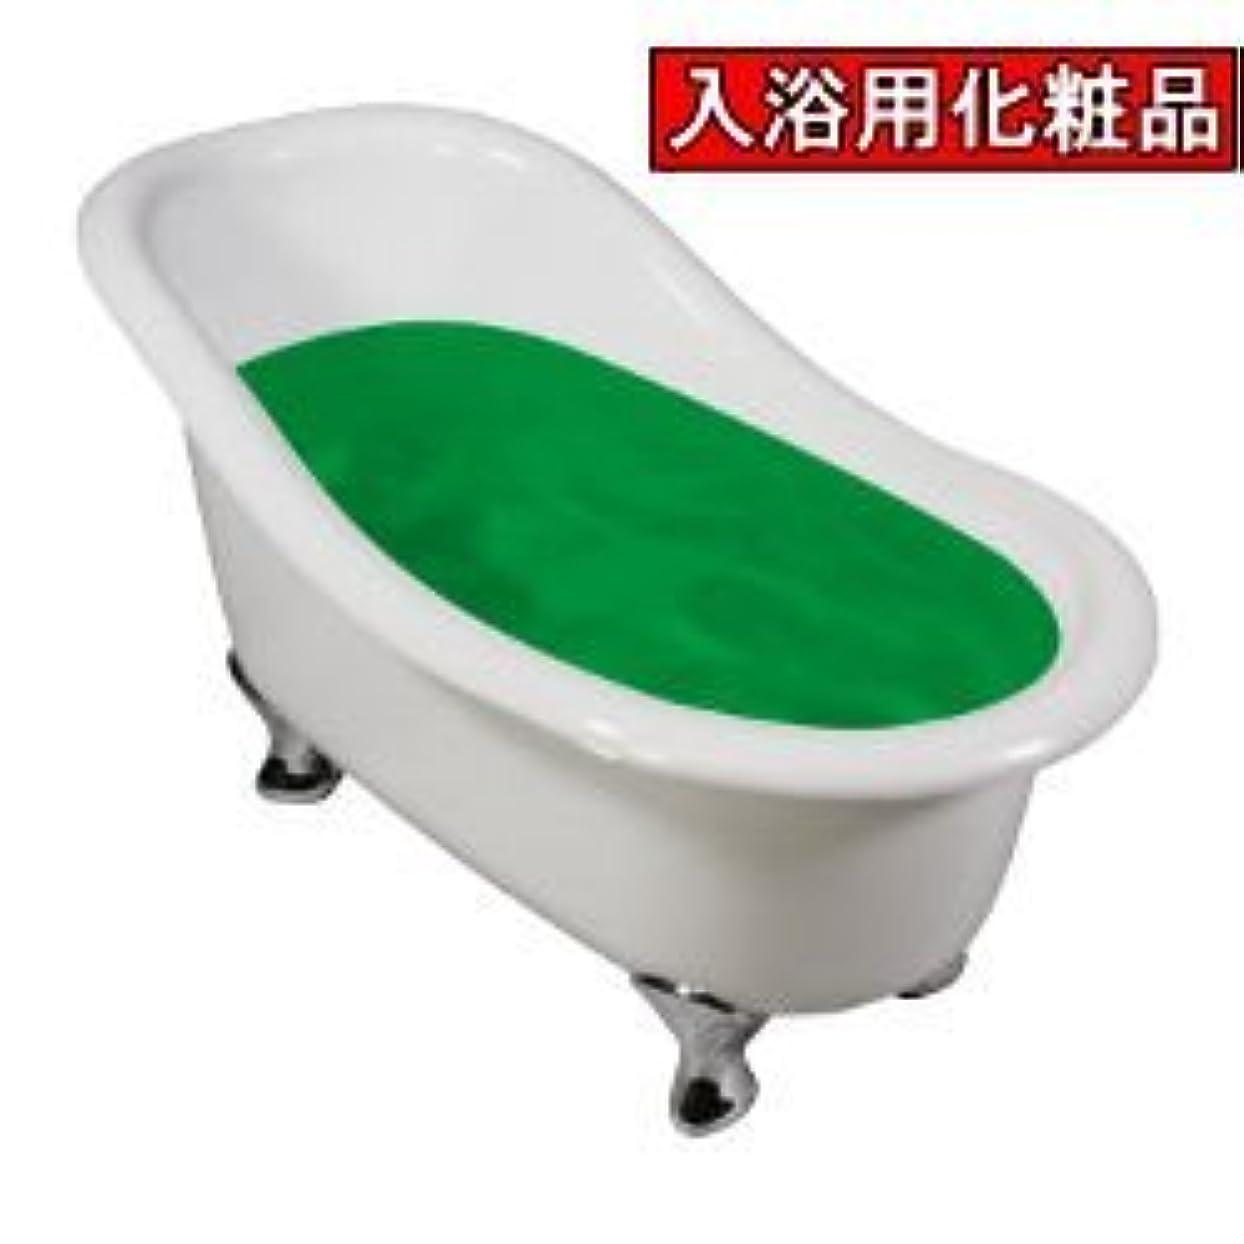 アセンブリゼロ楽しませる業務用入浴剤イヴタス 緑茶 17kg 業務用サイズ